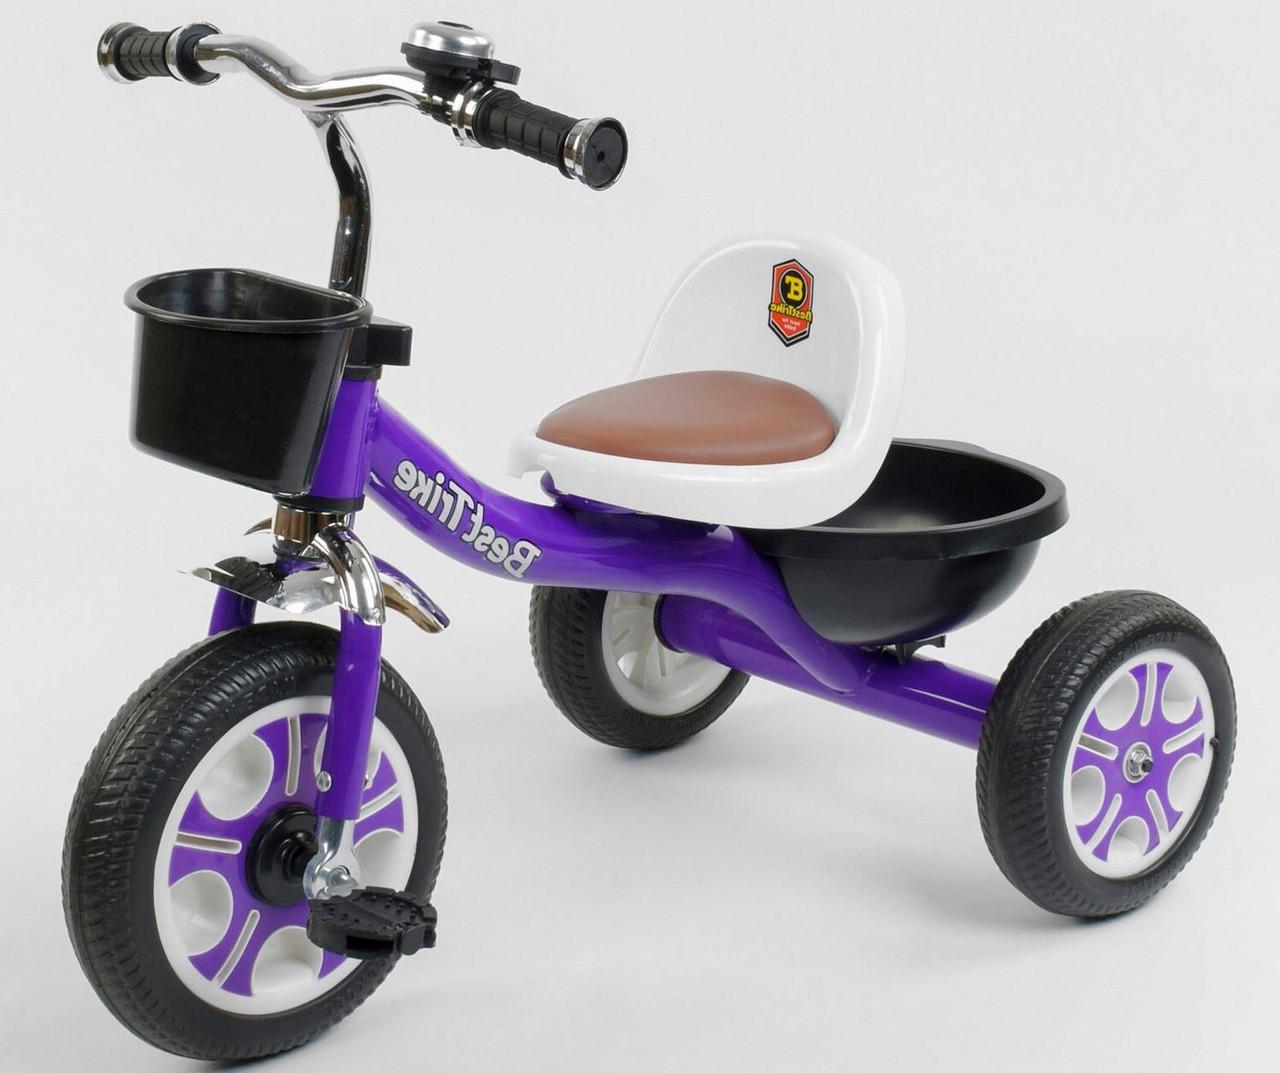 Детский трехколесный велосипед, Eva колеса, звоночек, 2 корзины, металлическая рама, Best Trike LM-1355